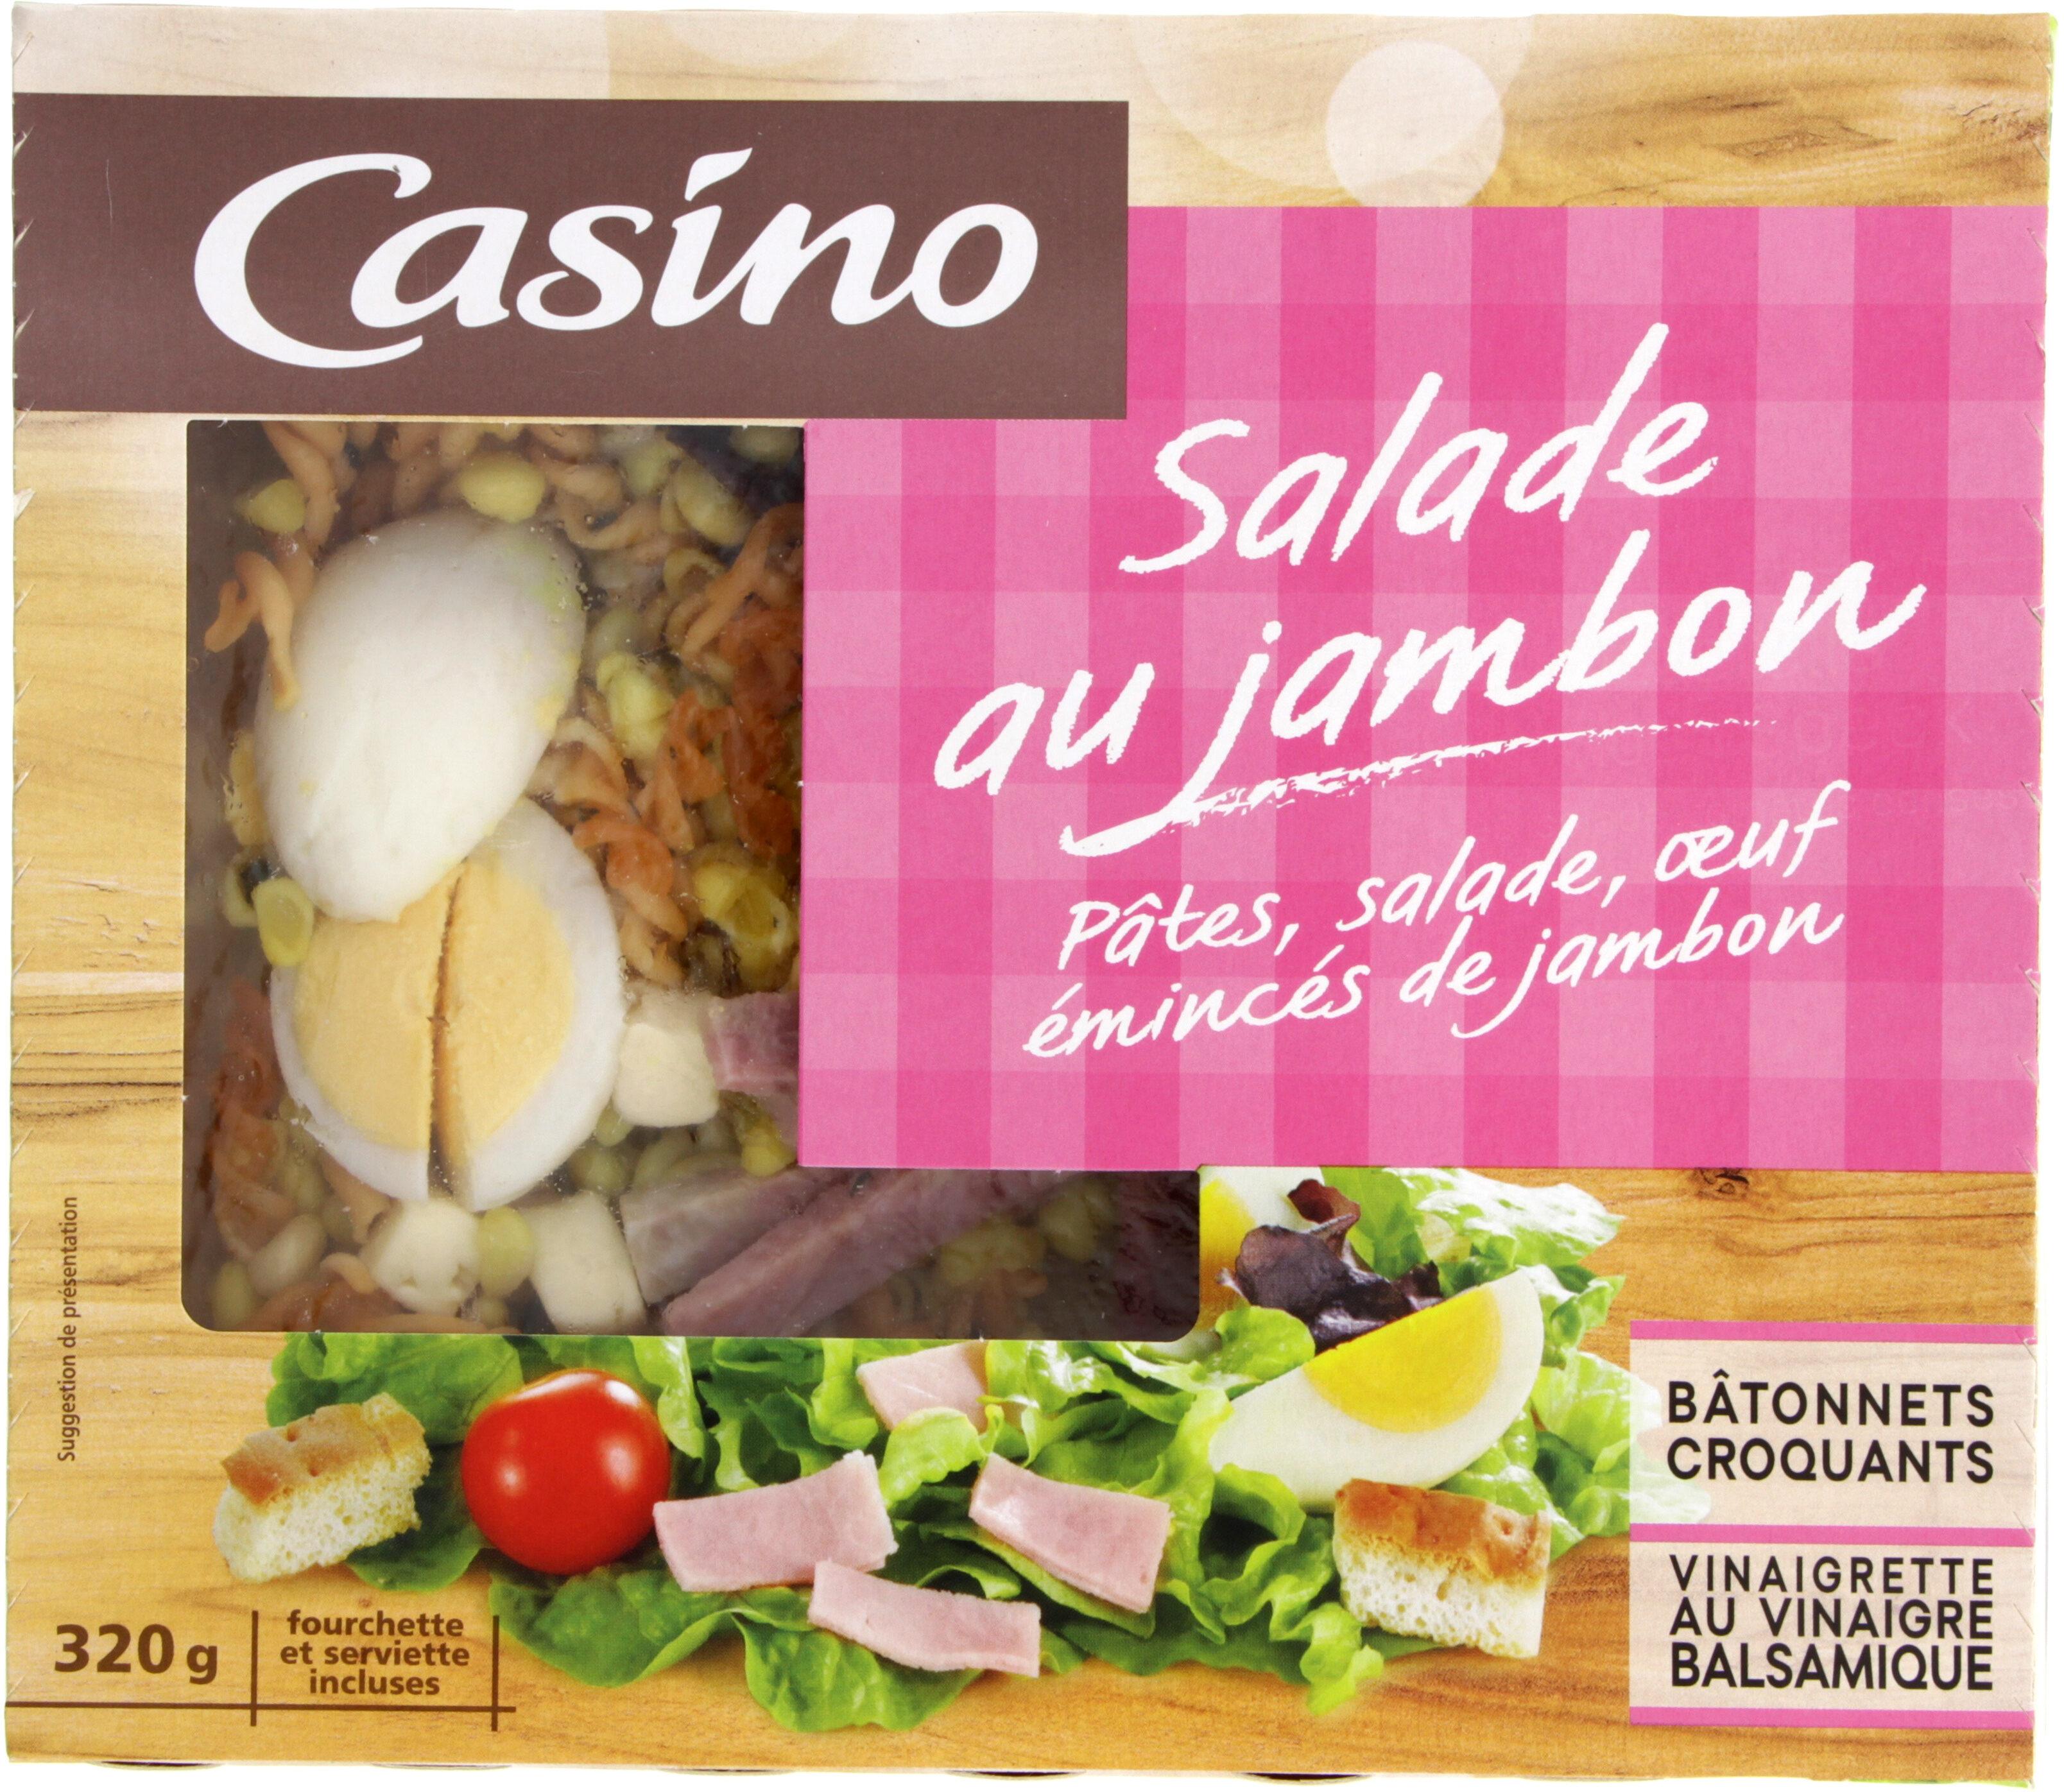 Salade au jambon : pâtes, salade, oeuf, émincés de jambon - Product